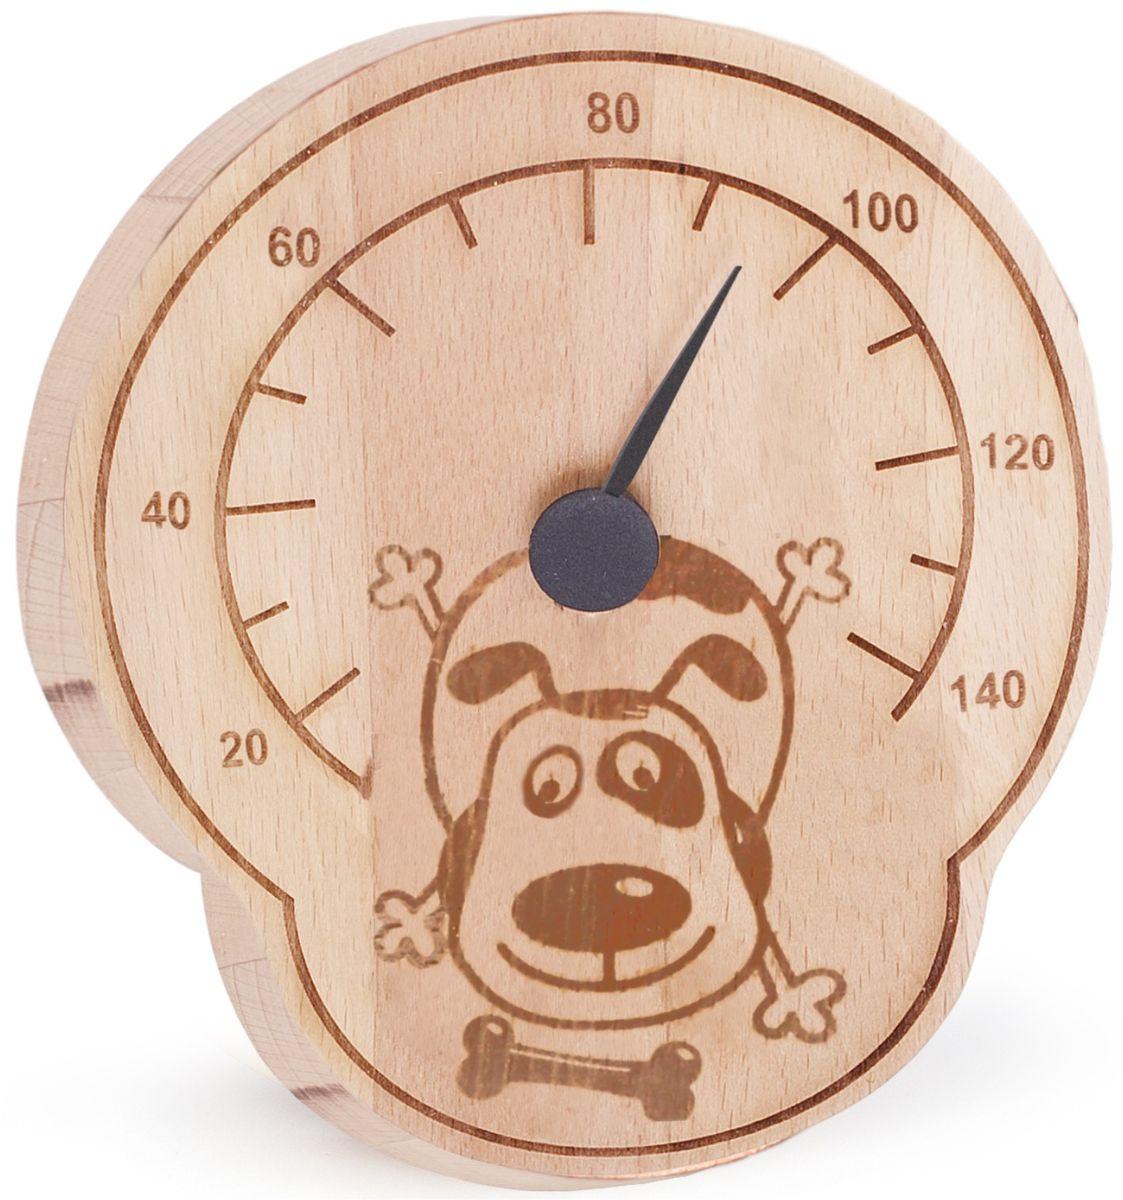 Термометр для бани и сауны Tapio (Тапио). 263Арс-2555Термометры серии Tapio (Тапио) выполнены из древесины бука, обладающего притягательным розоватым цветом, ее плотность прекрасно переносит перепады температуры, что увеличивает срок службы изделий. Созданные для контроля оптимальной температуры в бане и сауне, они задают стиль банного интерьера.Стрелка механизма меняет настроение озорных персонажей термометров в зависимости от температуры. Максимальная измеряемая температура - 140 градусов. Характеристики: Размер термометра: 13,5 см х 16 см. Материал: дерево, металл. Производитель: Россия. Артикул: 263.